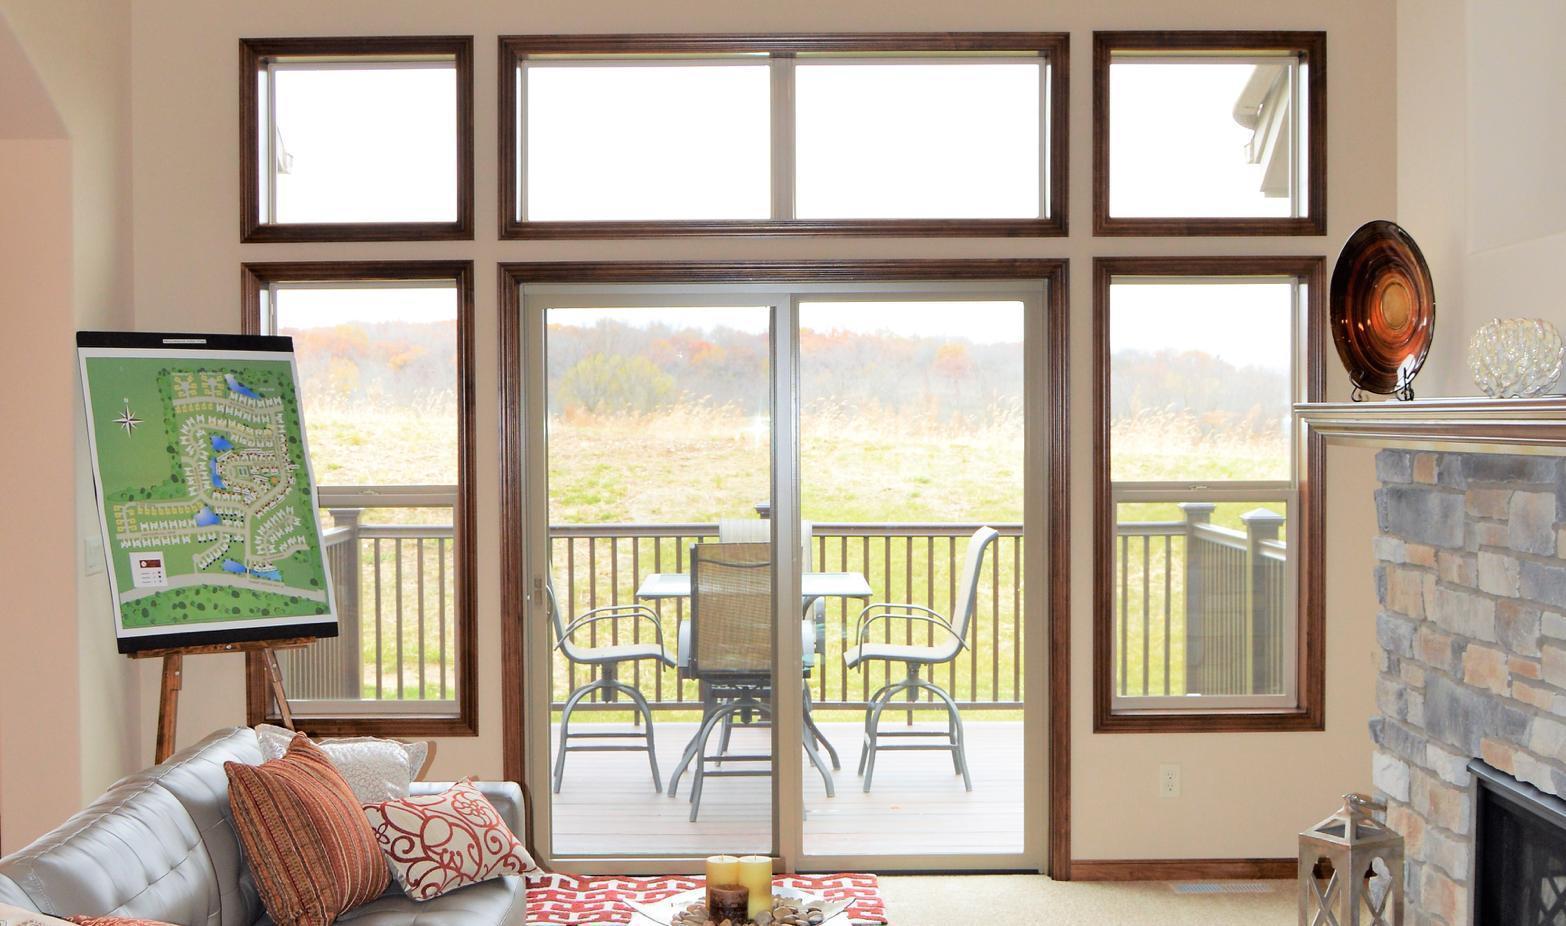 3400 Walnut Trl, Waukesha, Wisconsin 53188, 7 Bedrooms Bedrooms, ,2 BathroomsBathrooms,Condominiums,For Sale,Walnut Trl,1,1635592